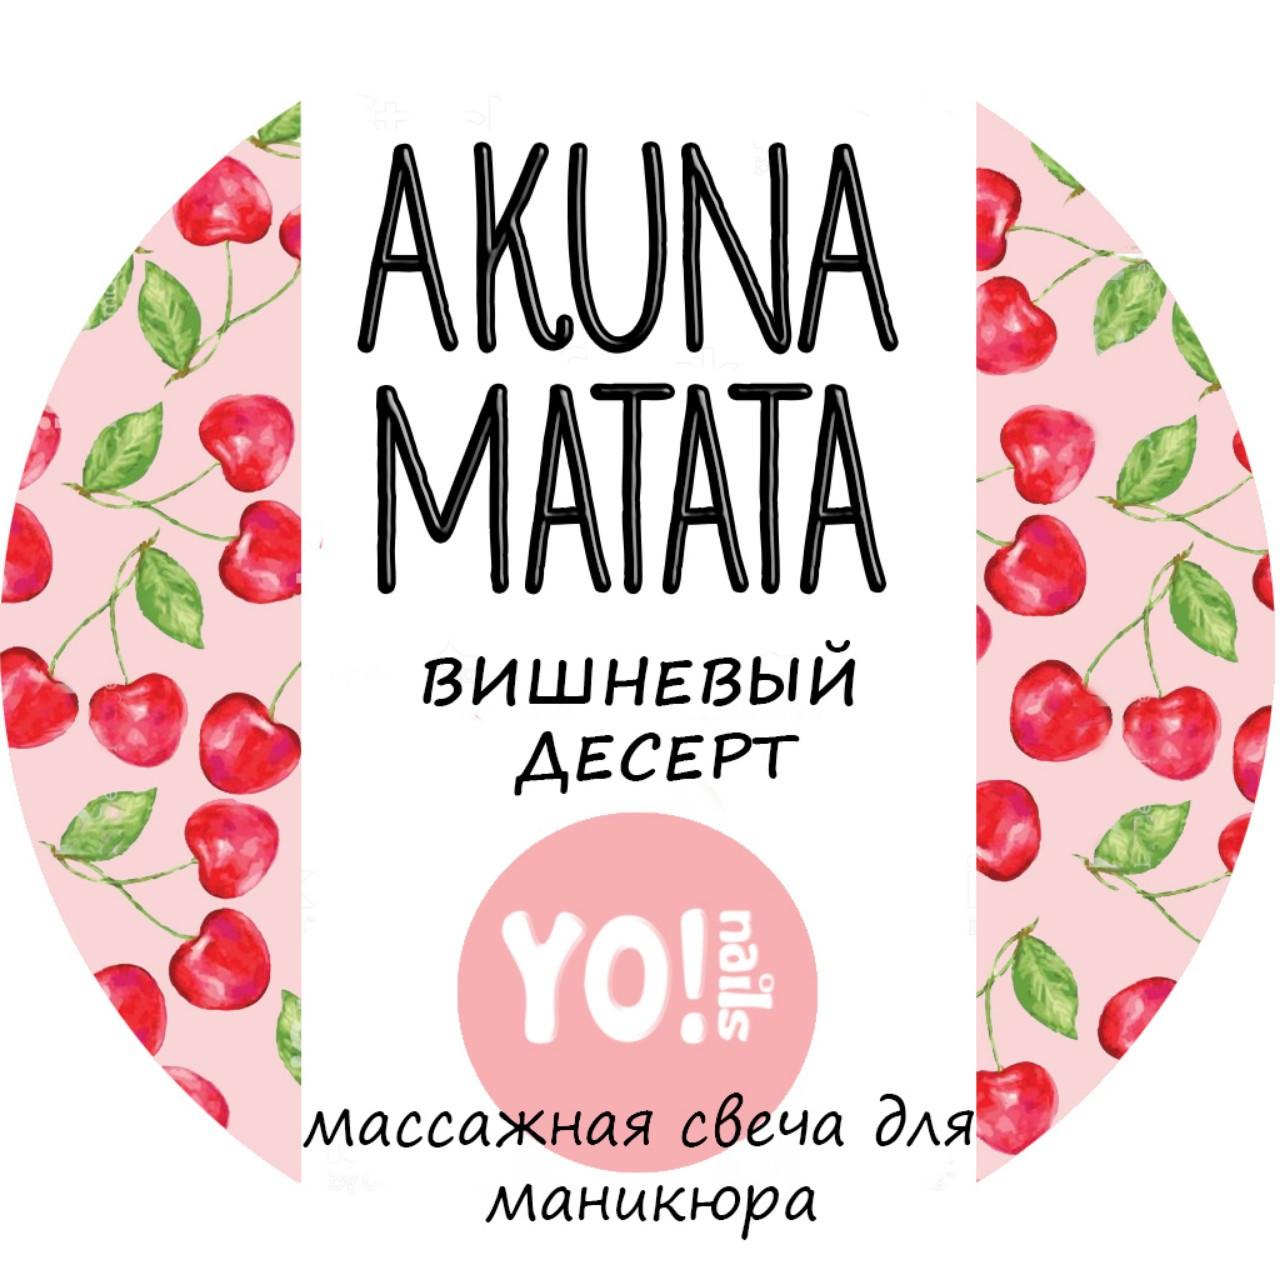 Массажная свеча для рук и тела AKUNA MATATA, Вишневый десерт, 30мл